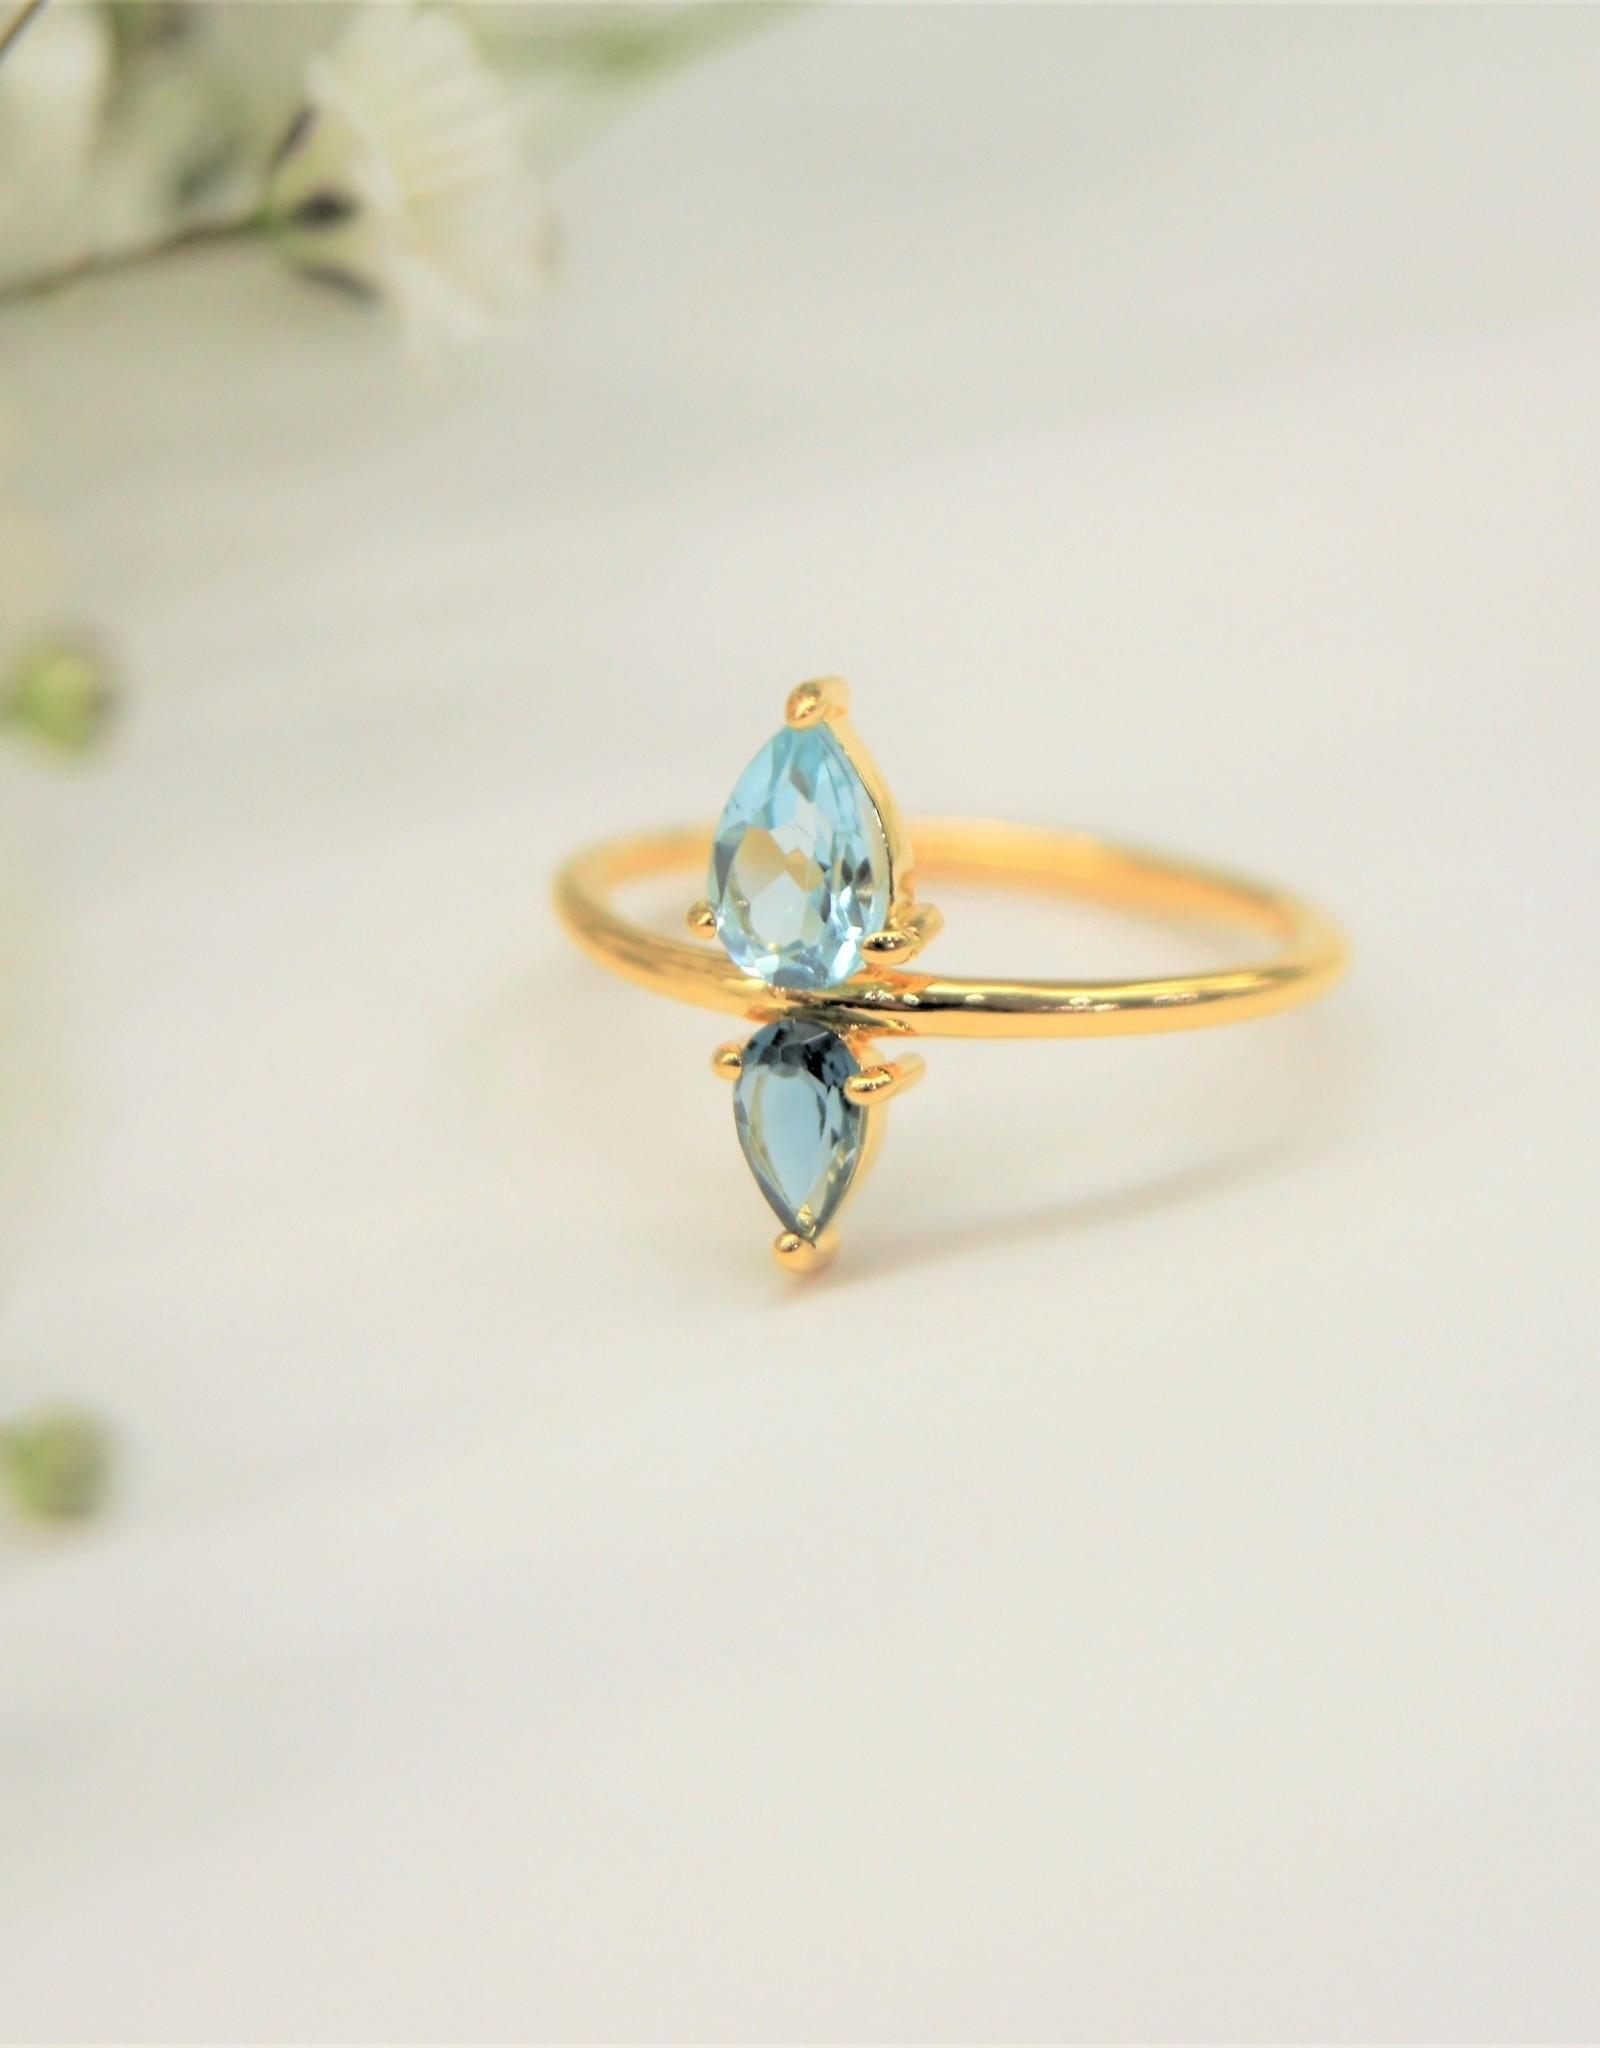 Tashi London Blue/ Blue Topaz Pear Ring